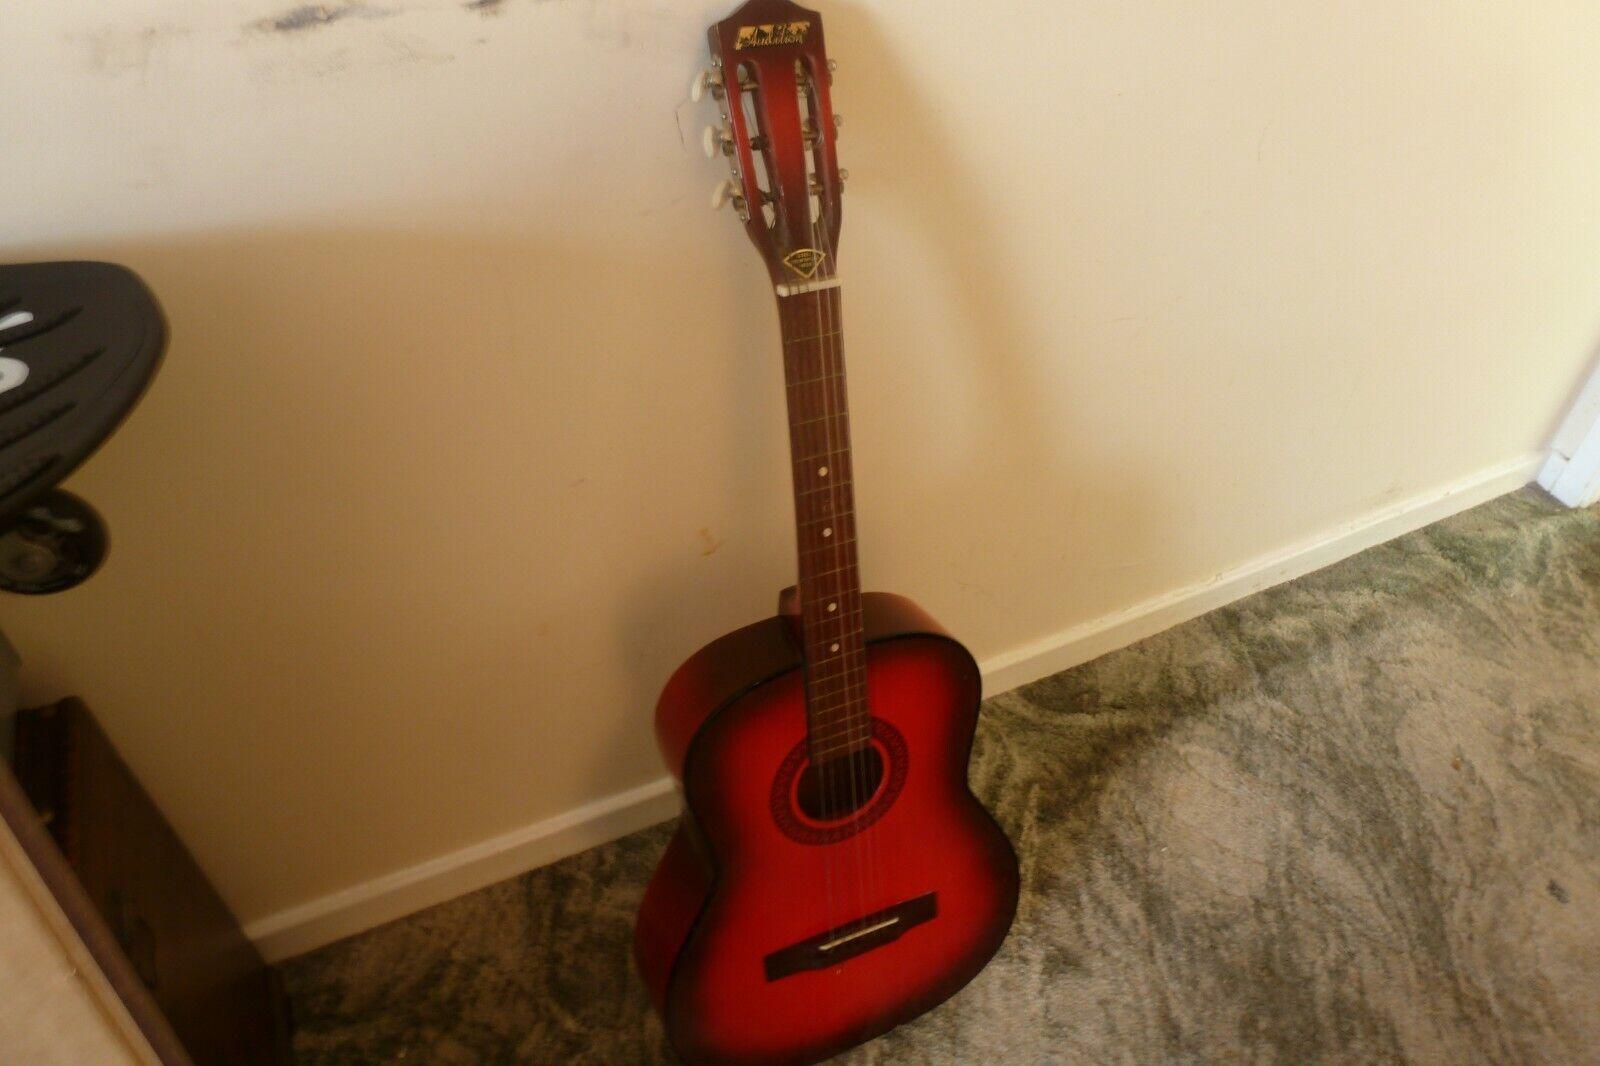 Vintage 1970s era Audition Acoustic Guitar